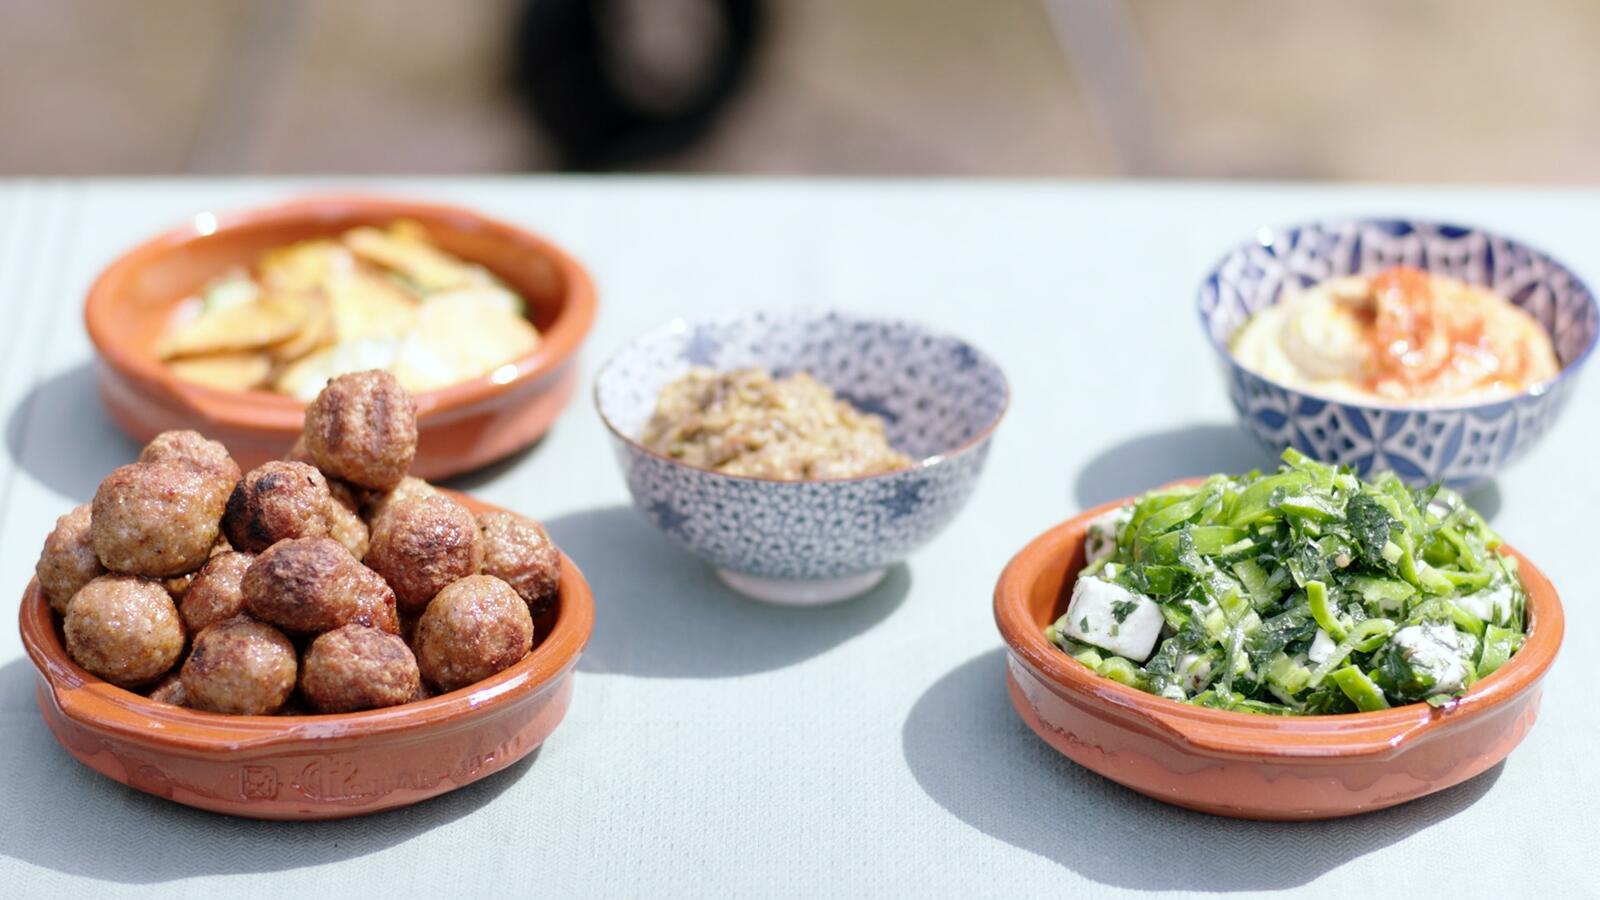 Paprikasalade, gehaktballetjes, baba ganoush en hummus